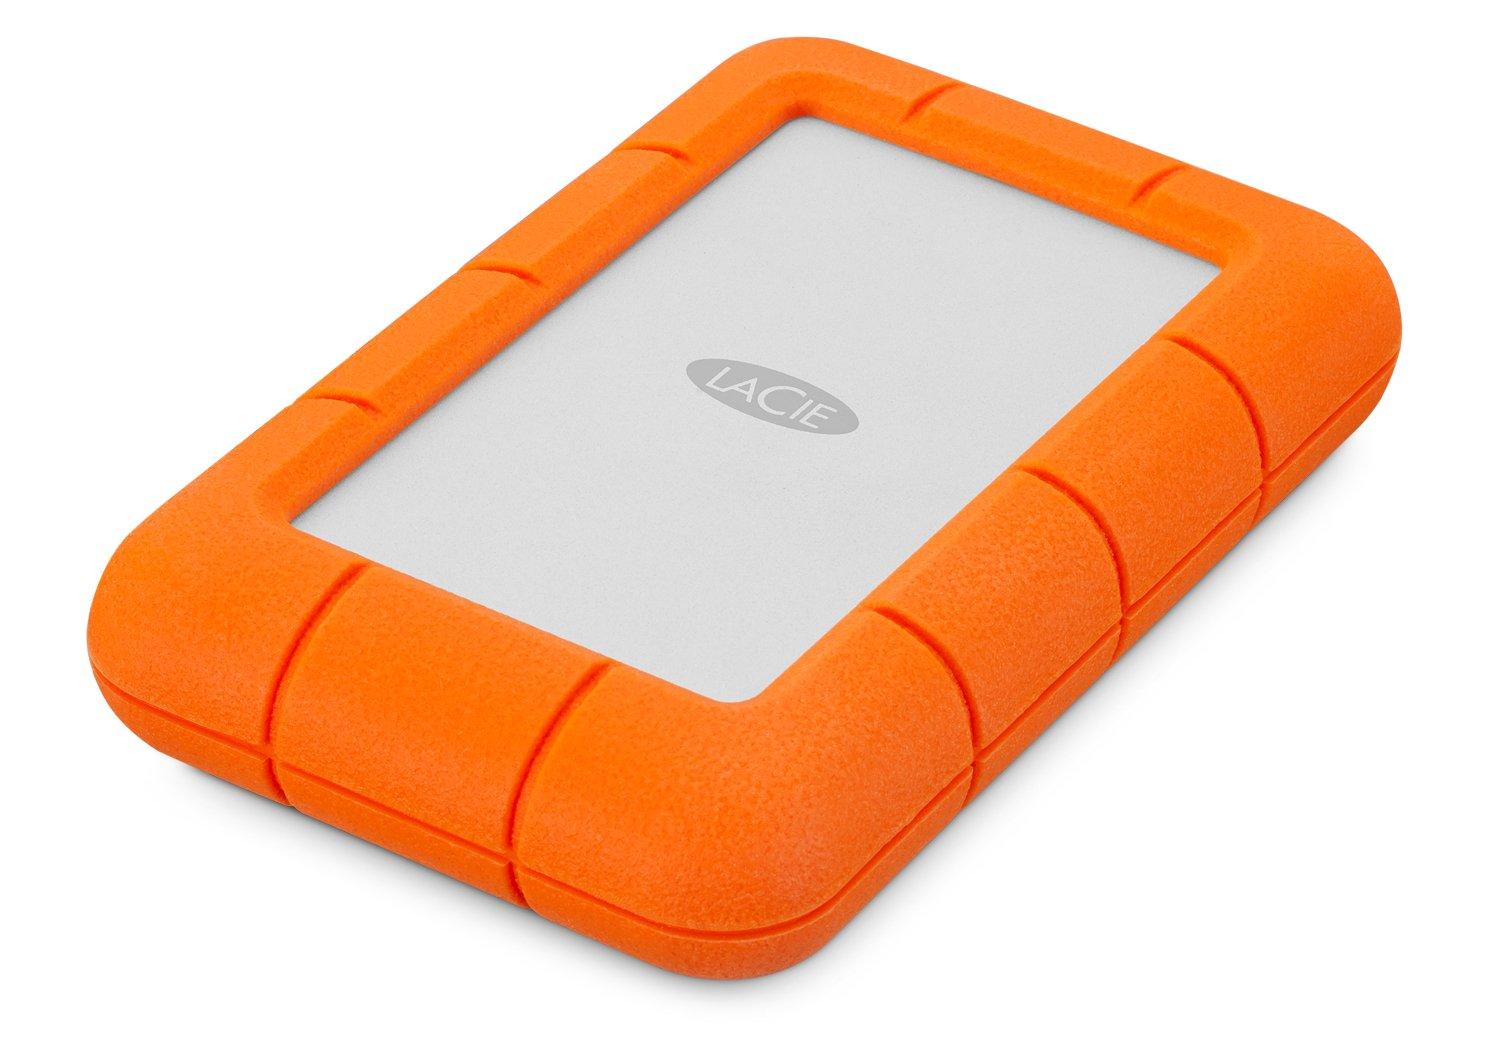 La Cie Rugged Mini USB 3.0 / USB 2.0 4TB Portable Hard Drive LAC9000633 by LaCie